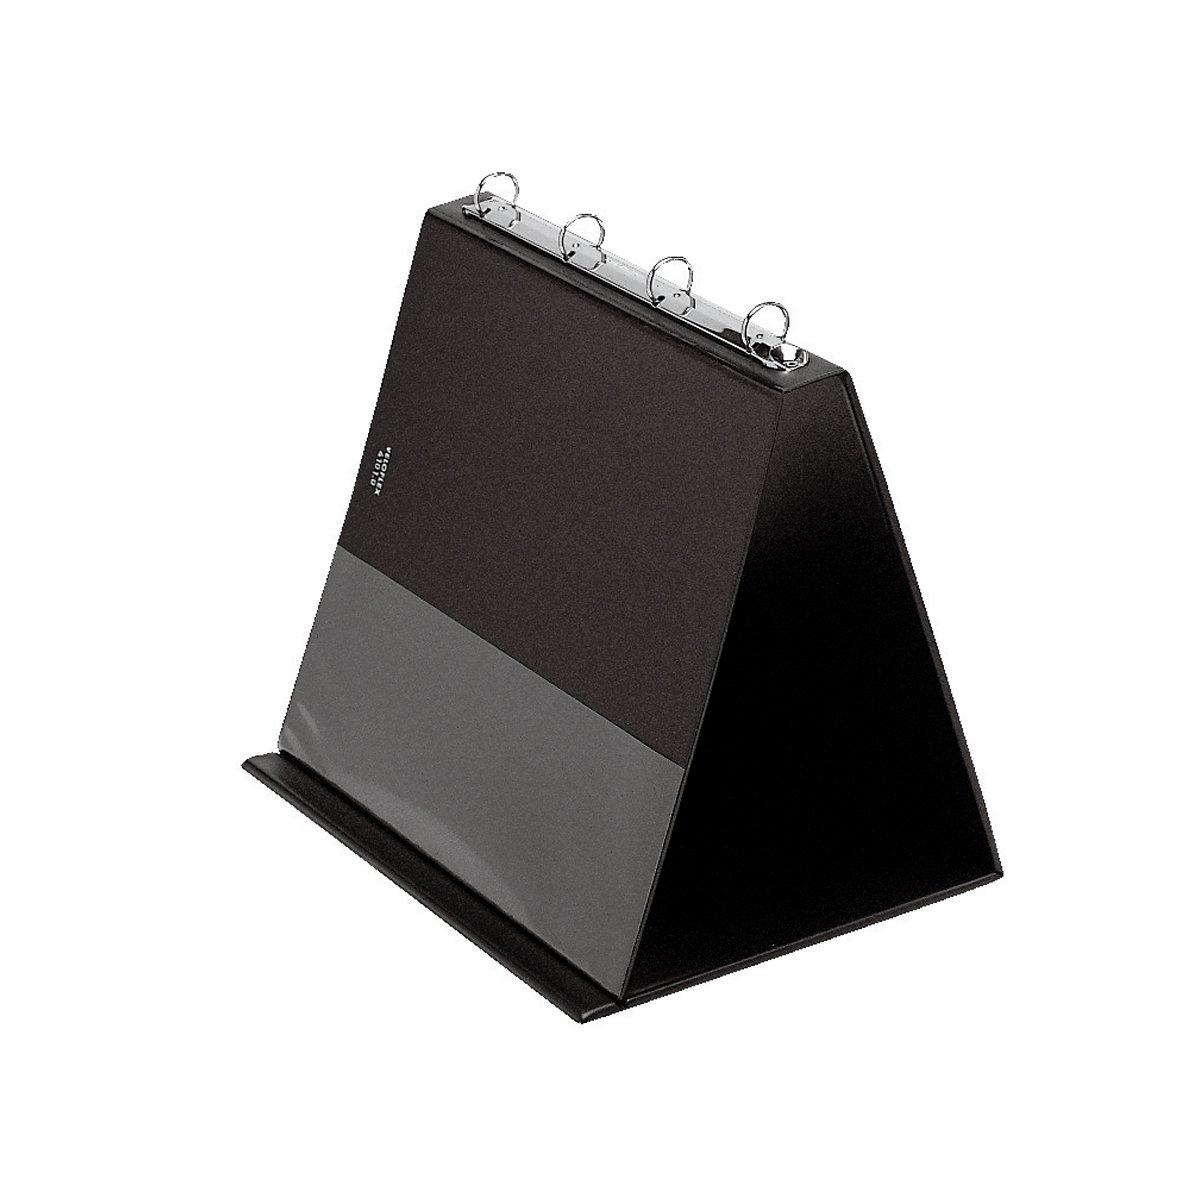 VELOFLEX 22909002 Rotafolios de escritorio